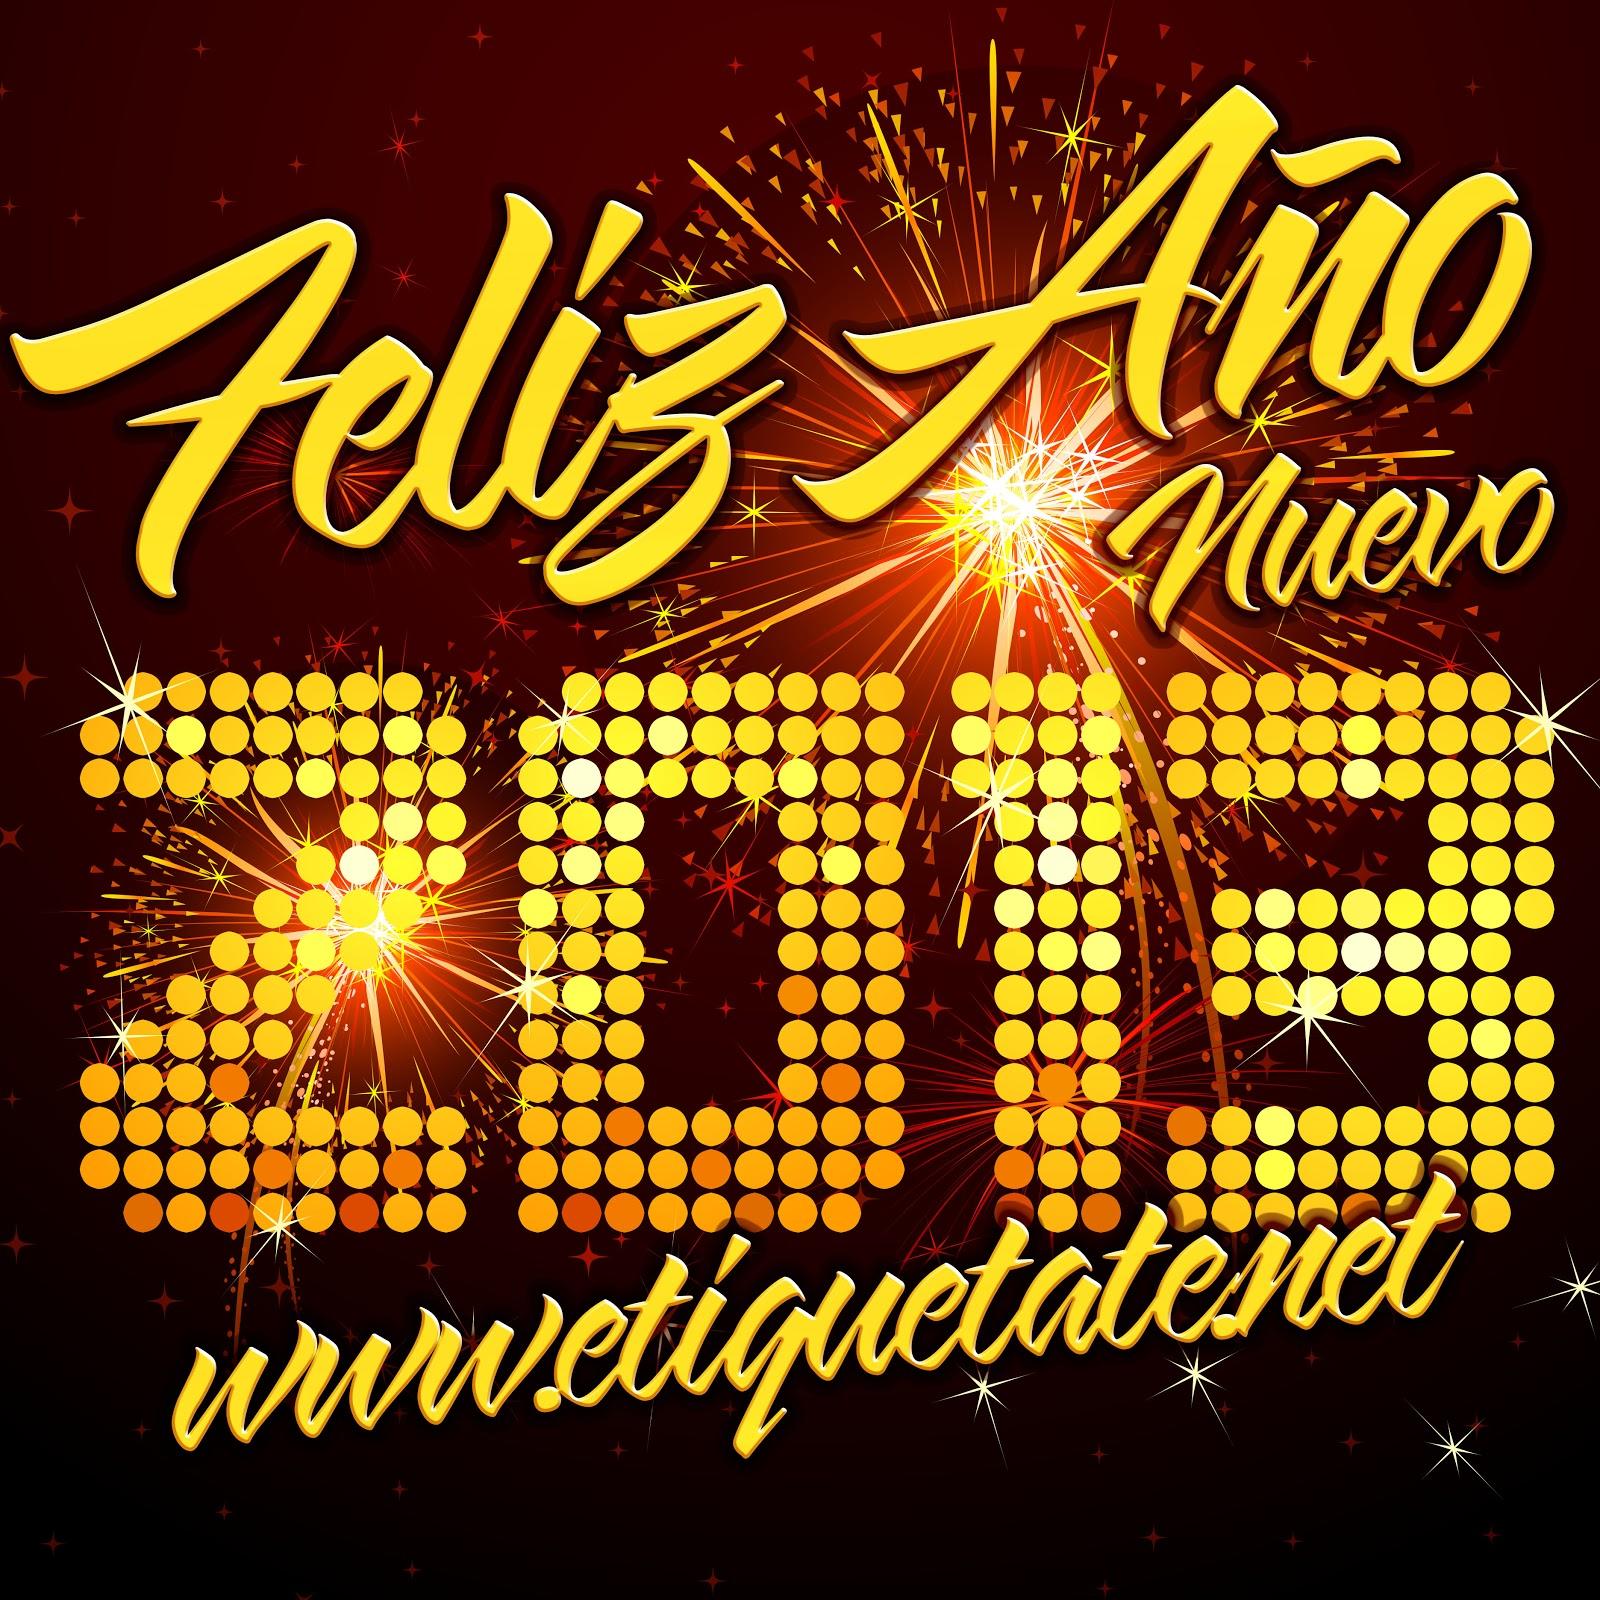 21 Imágenes de Año Nuevo 2013 para etiquetar en Facebook